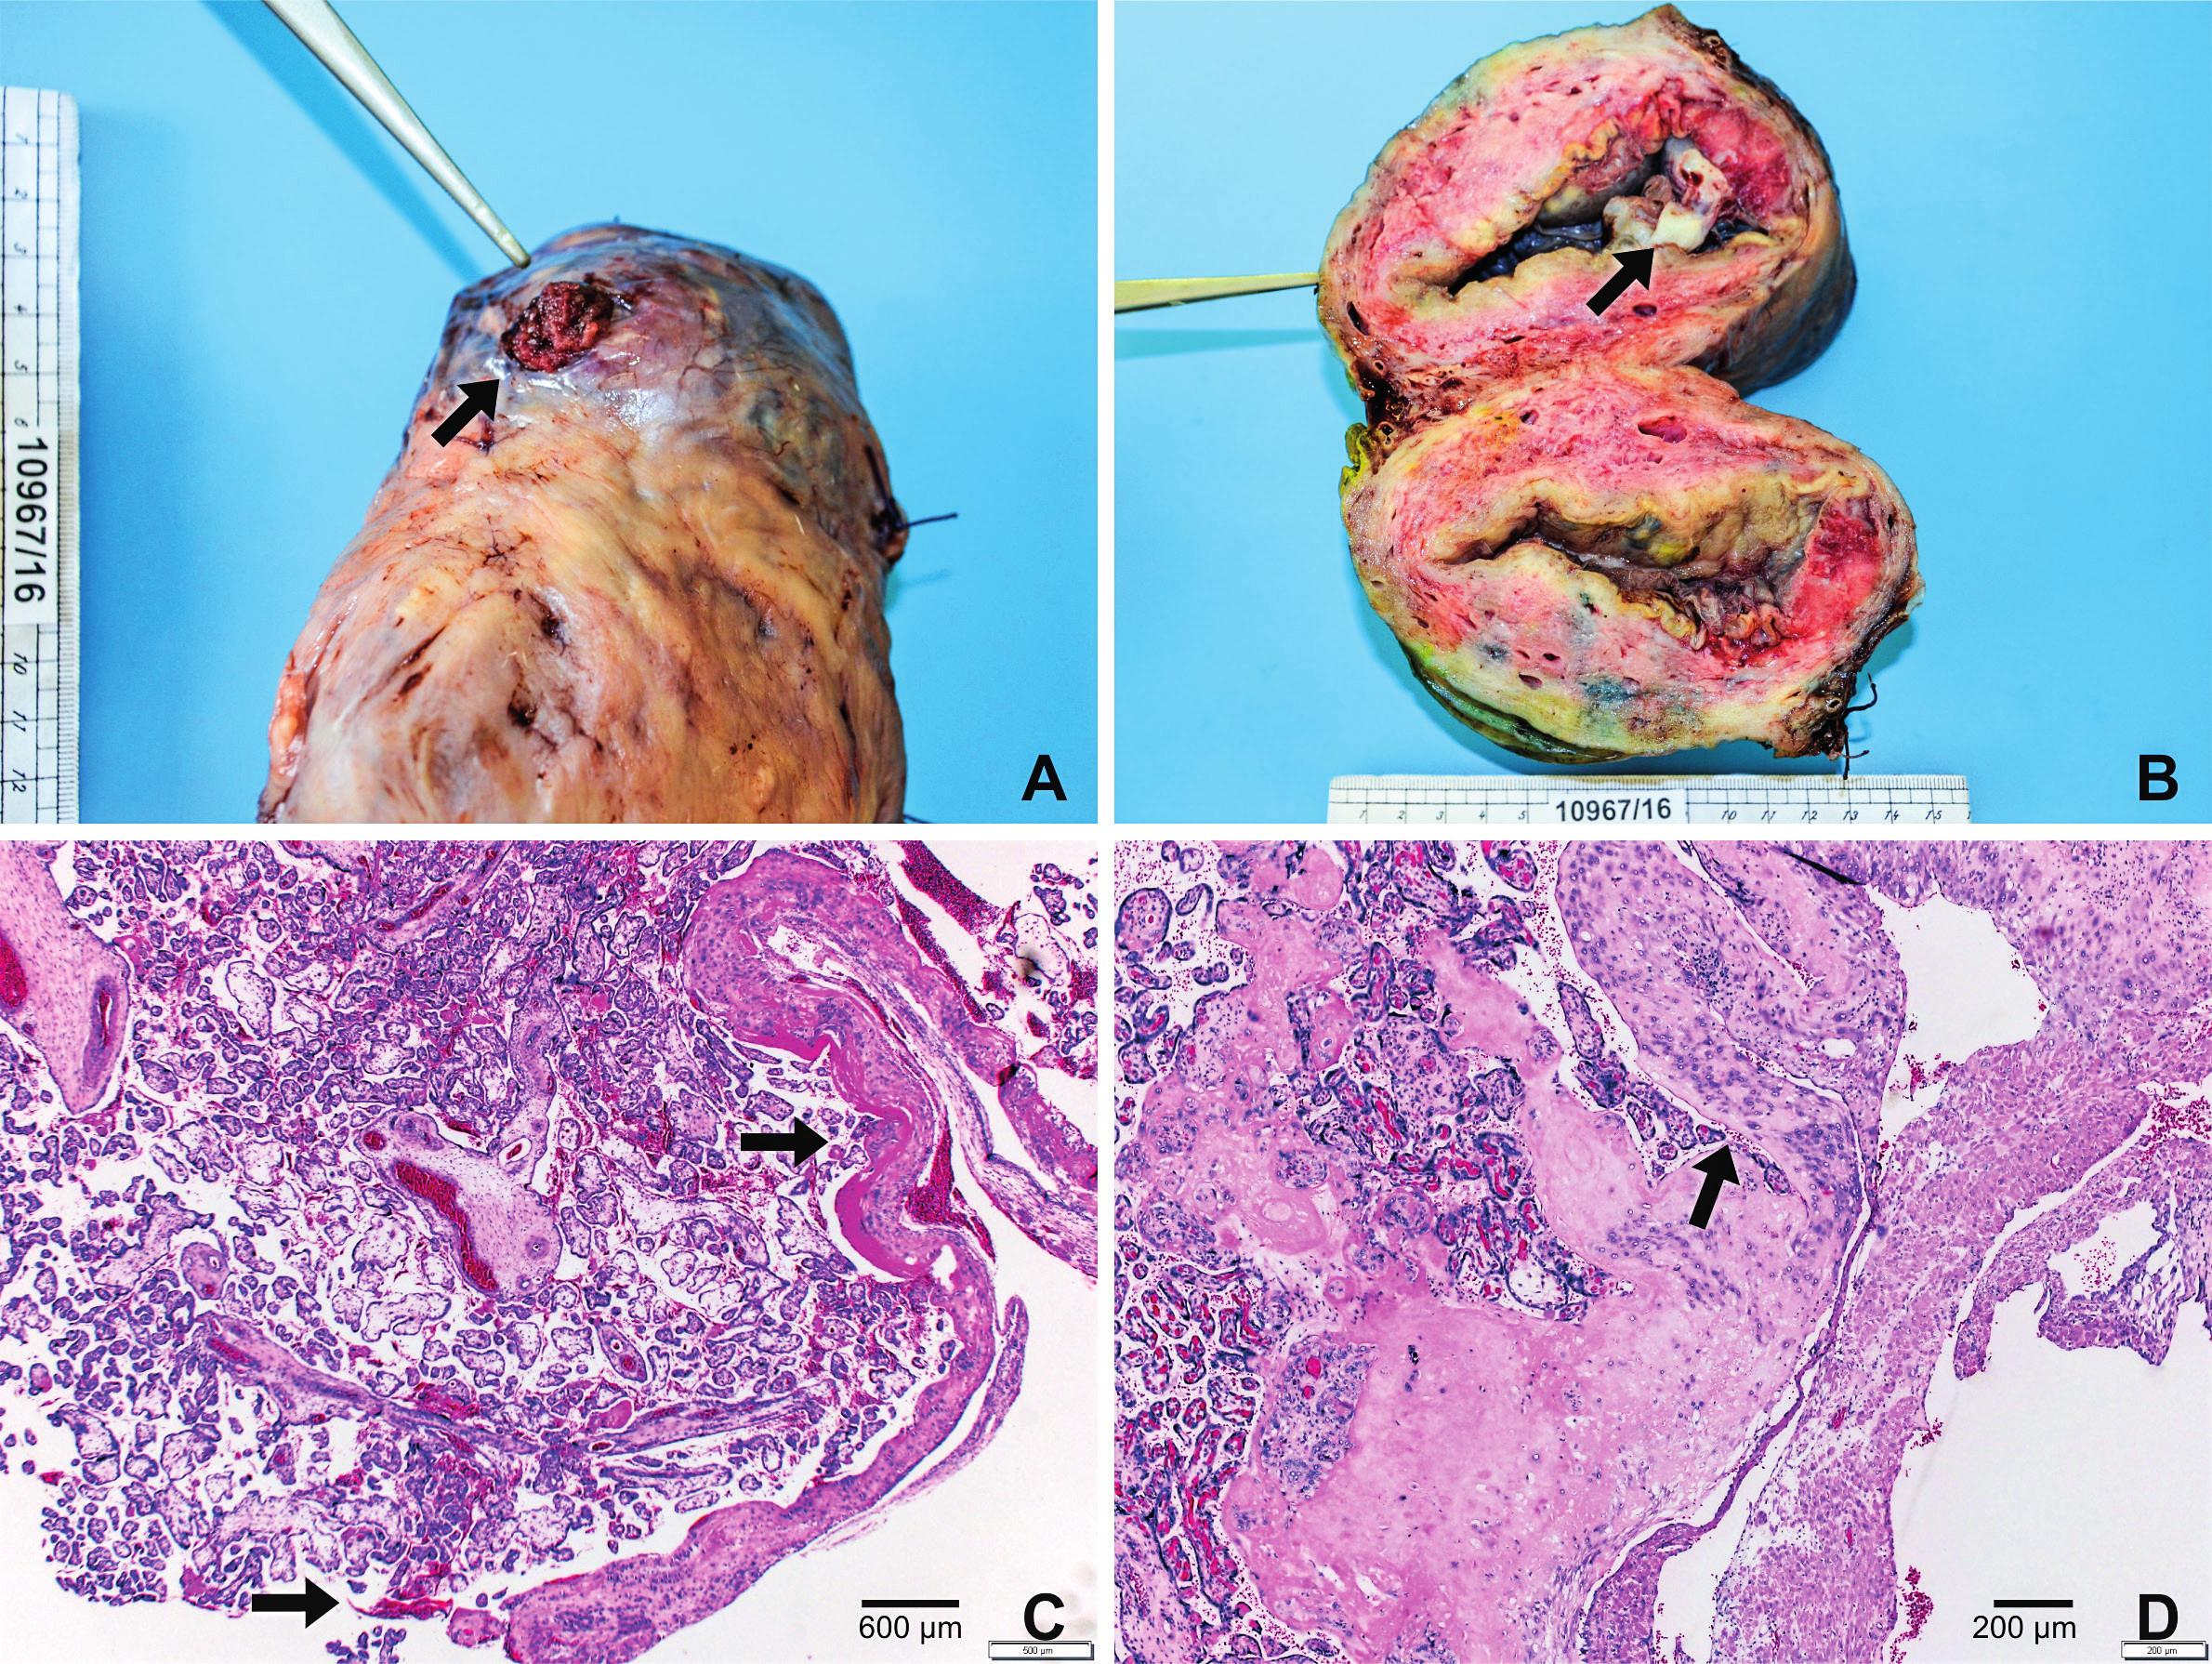 Histopatologické vyšetření A. Placenta percreta prorůstající levým rohem děložním B. Průřez dělohou v místě perkrétní placenty C. V preparátu z místa popsaného defektu ve fundu jsou struktury placenty prorůstající zčásti do subserózního vaziva a poté volně přecházející na povrch, barvení HE, zvětšení 100x D. Průřez děložní stěnou s překrvenými placentárními klky do zevní části myometria a subserózního vaziva, barvení HE, zvětšení 100